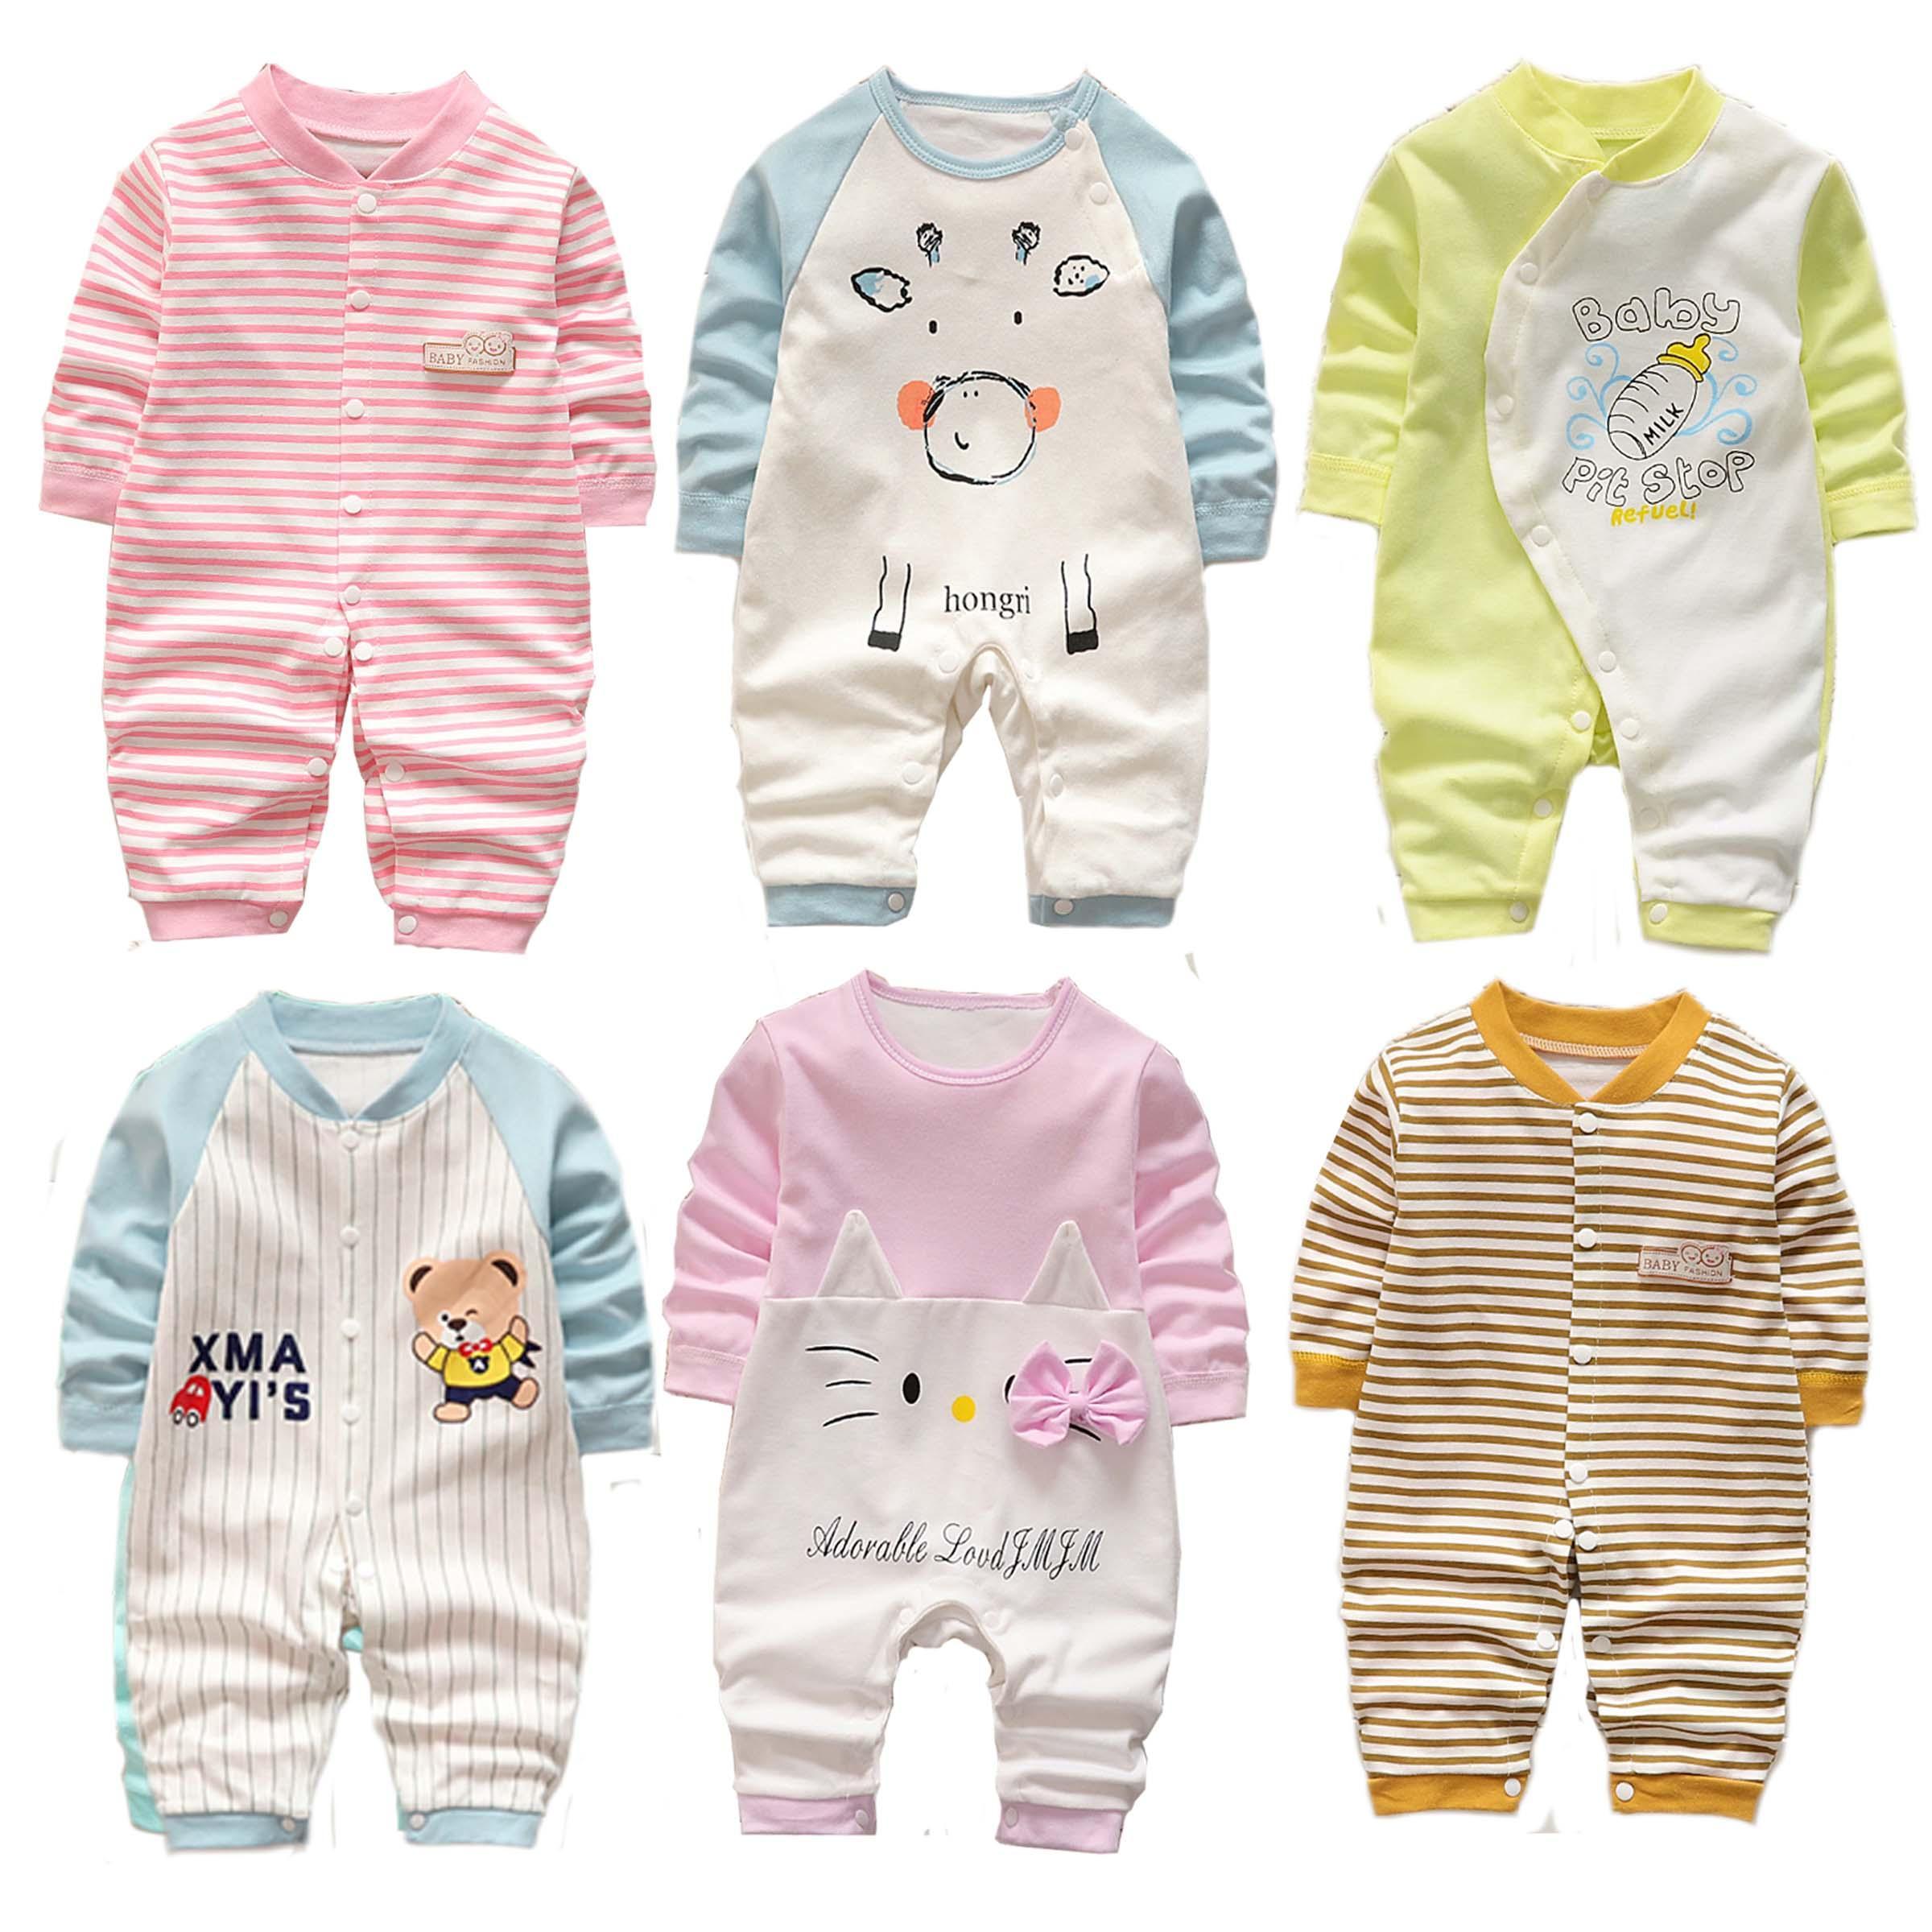 Bodysuit cotton liền quần dài tay bé trai bé gái (áo liền quần, body suit, sleep suit, body thu đông)(Hàng Quảng Châu xuất Hàn) TTS170 Nhật Bản